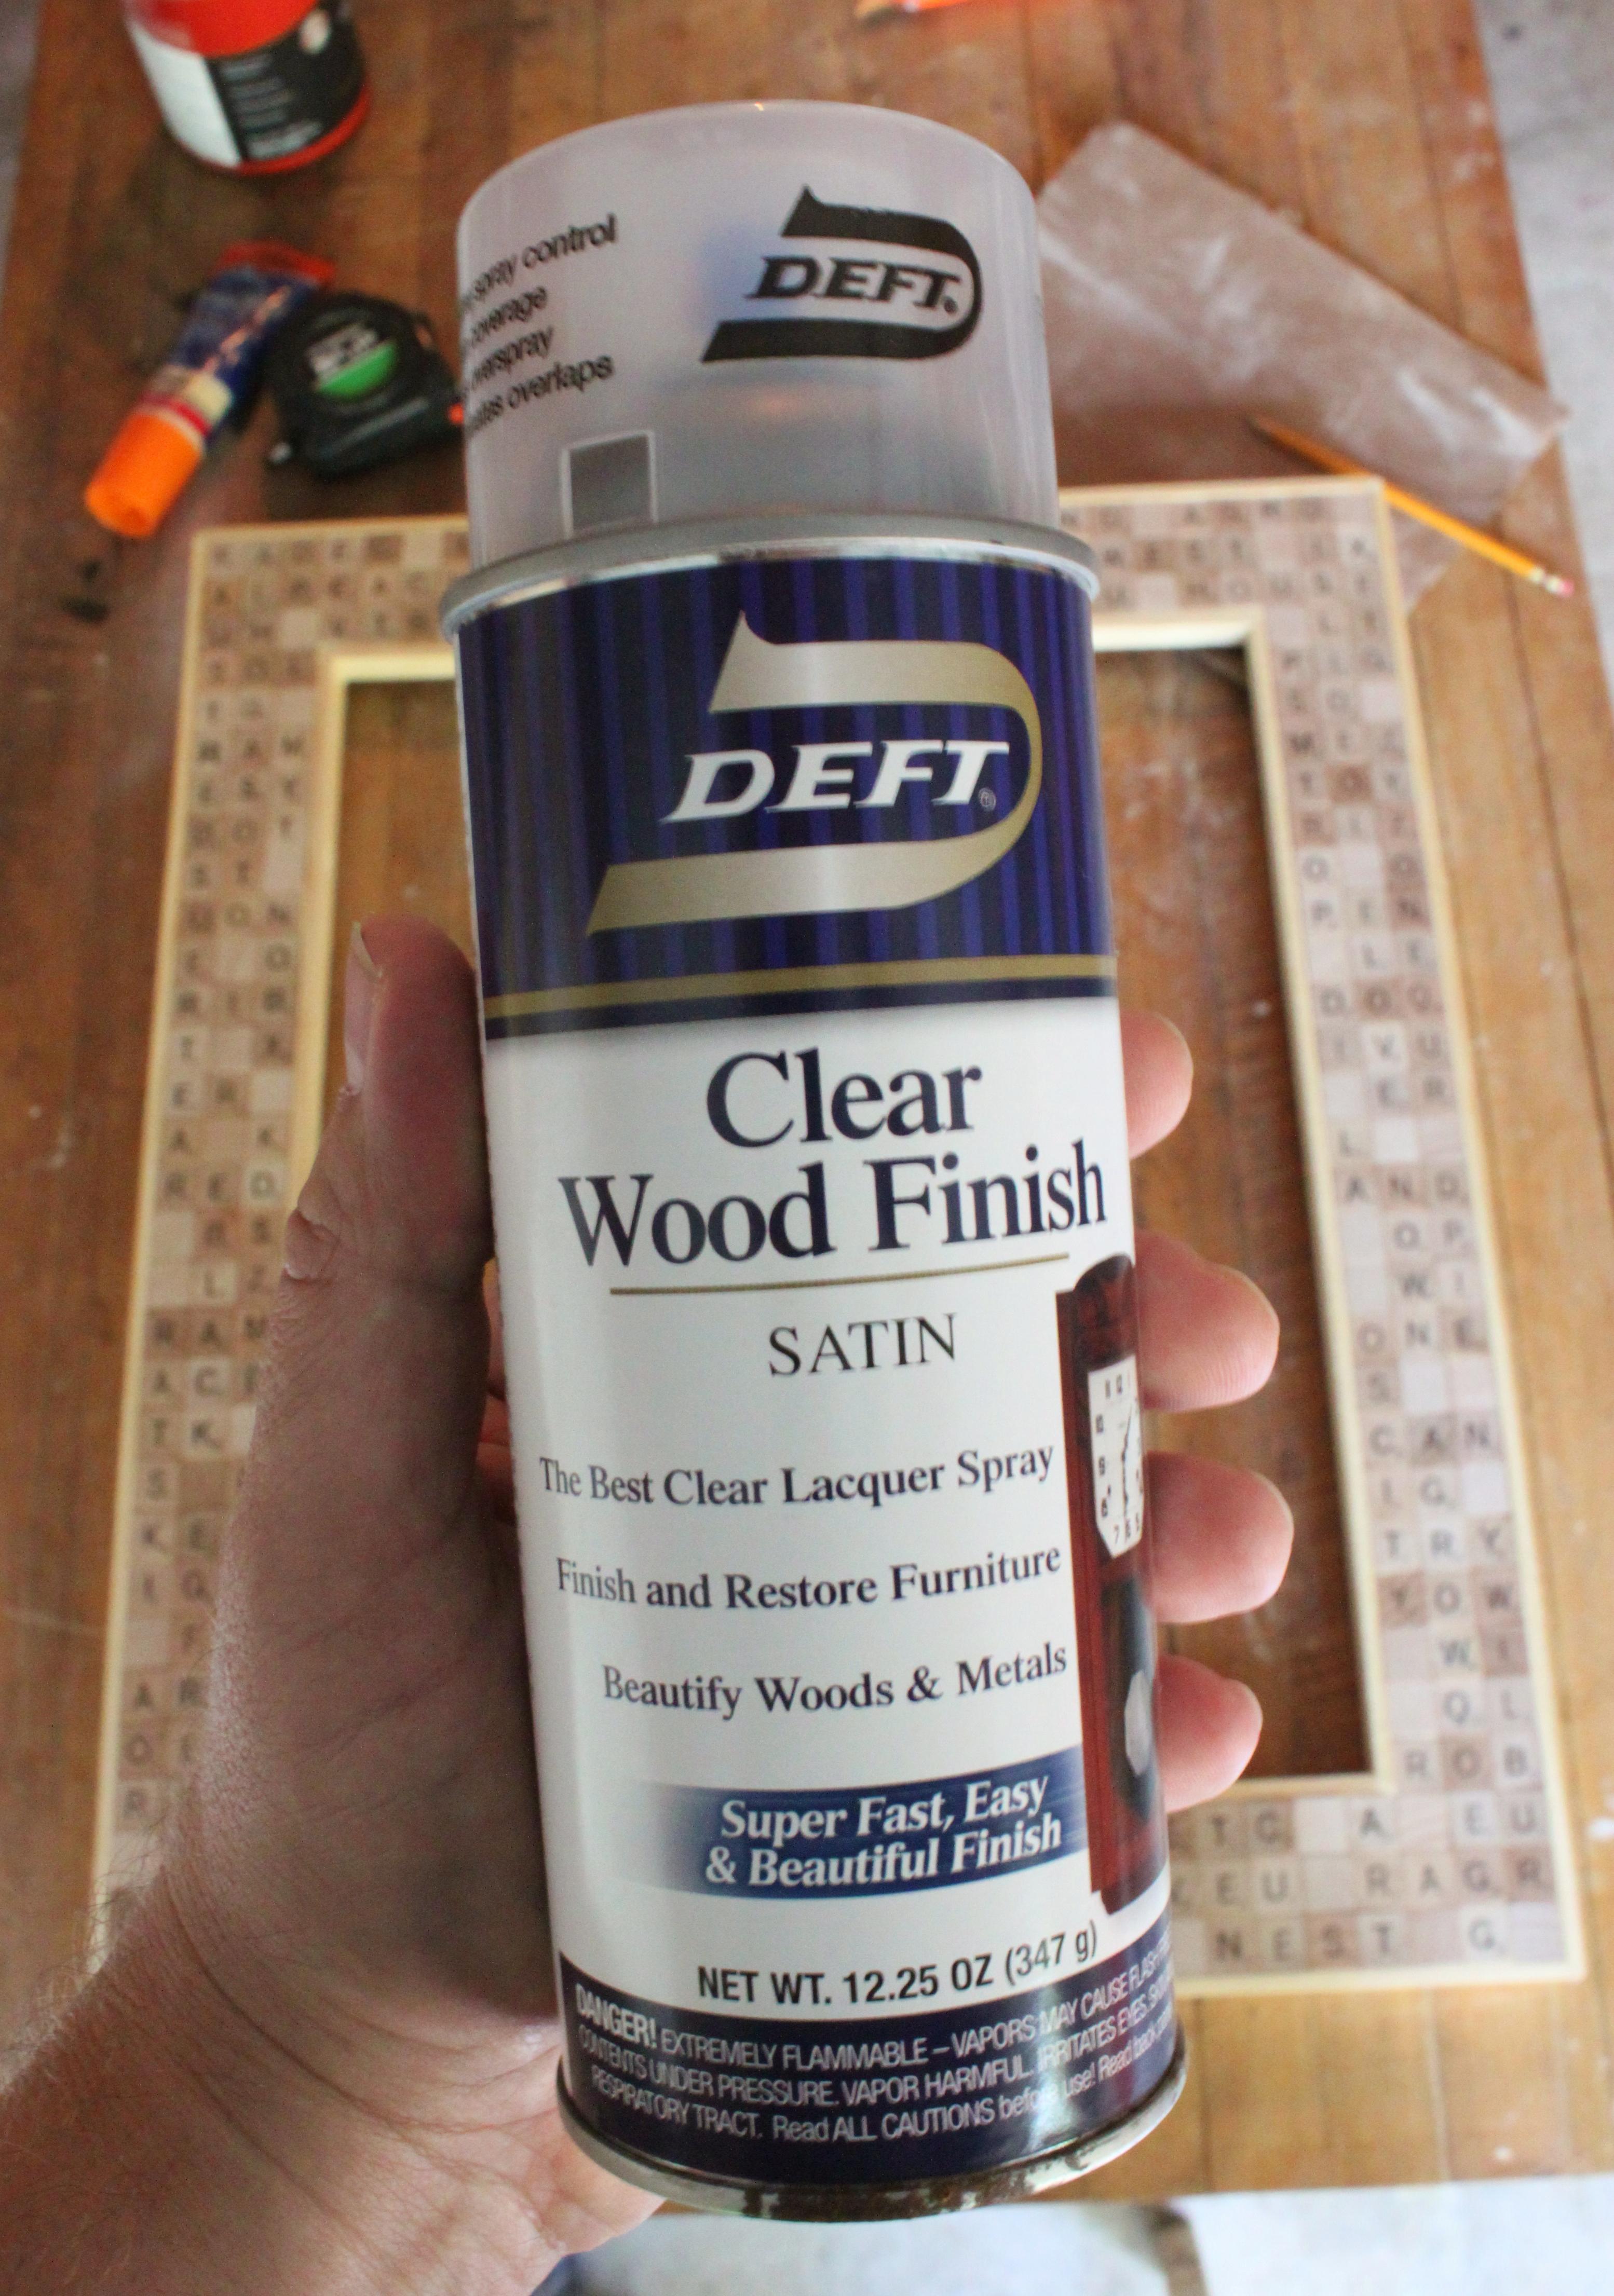 Build Deft Wood Stain DIY workshop miscellaneous plans | eager41kvm